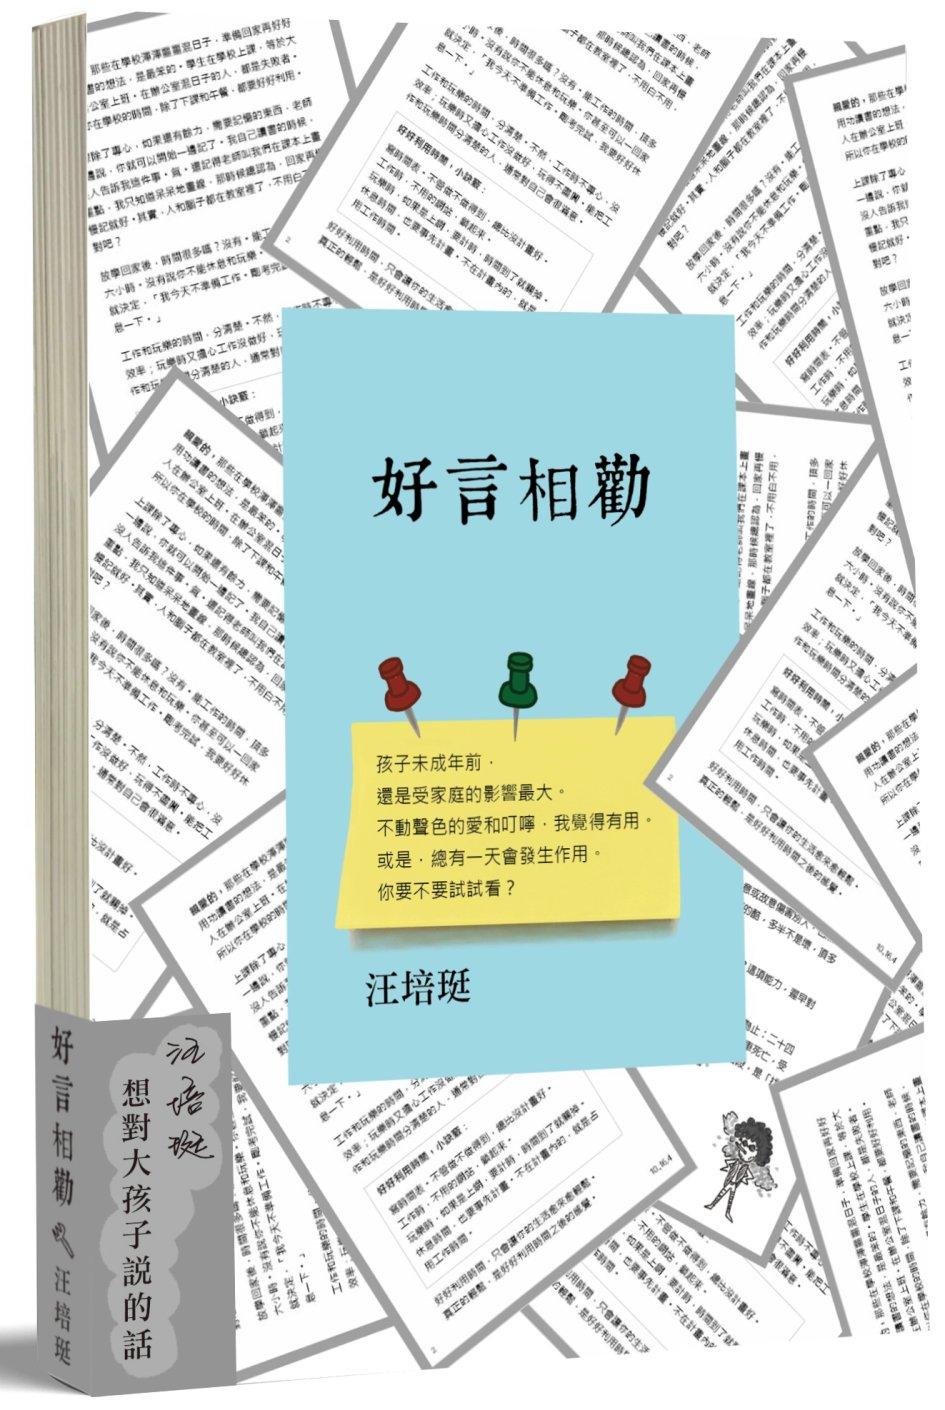 好言相勸:汪培珽想對大孩子說的話